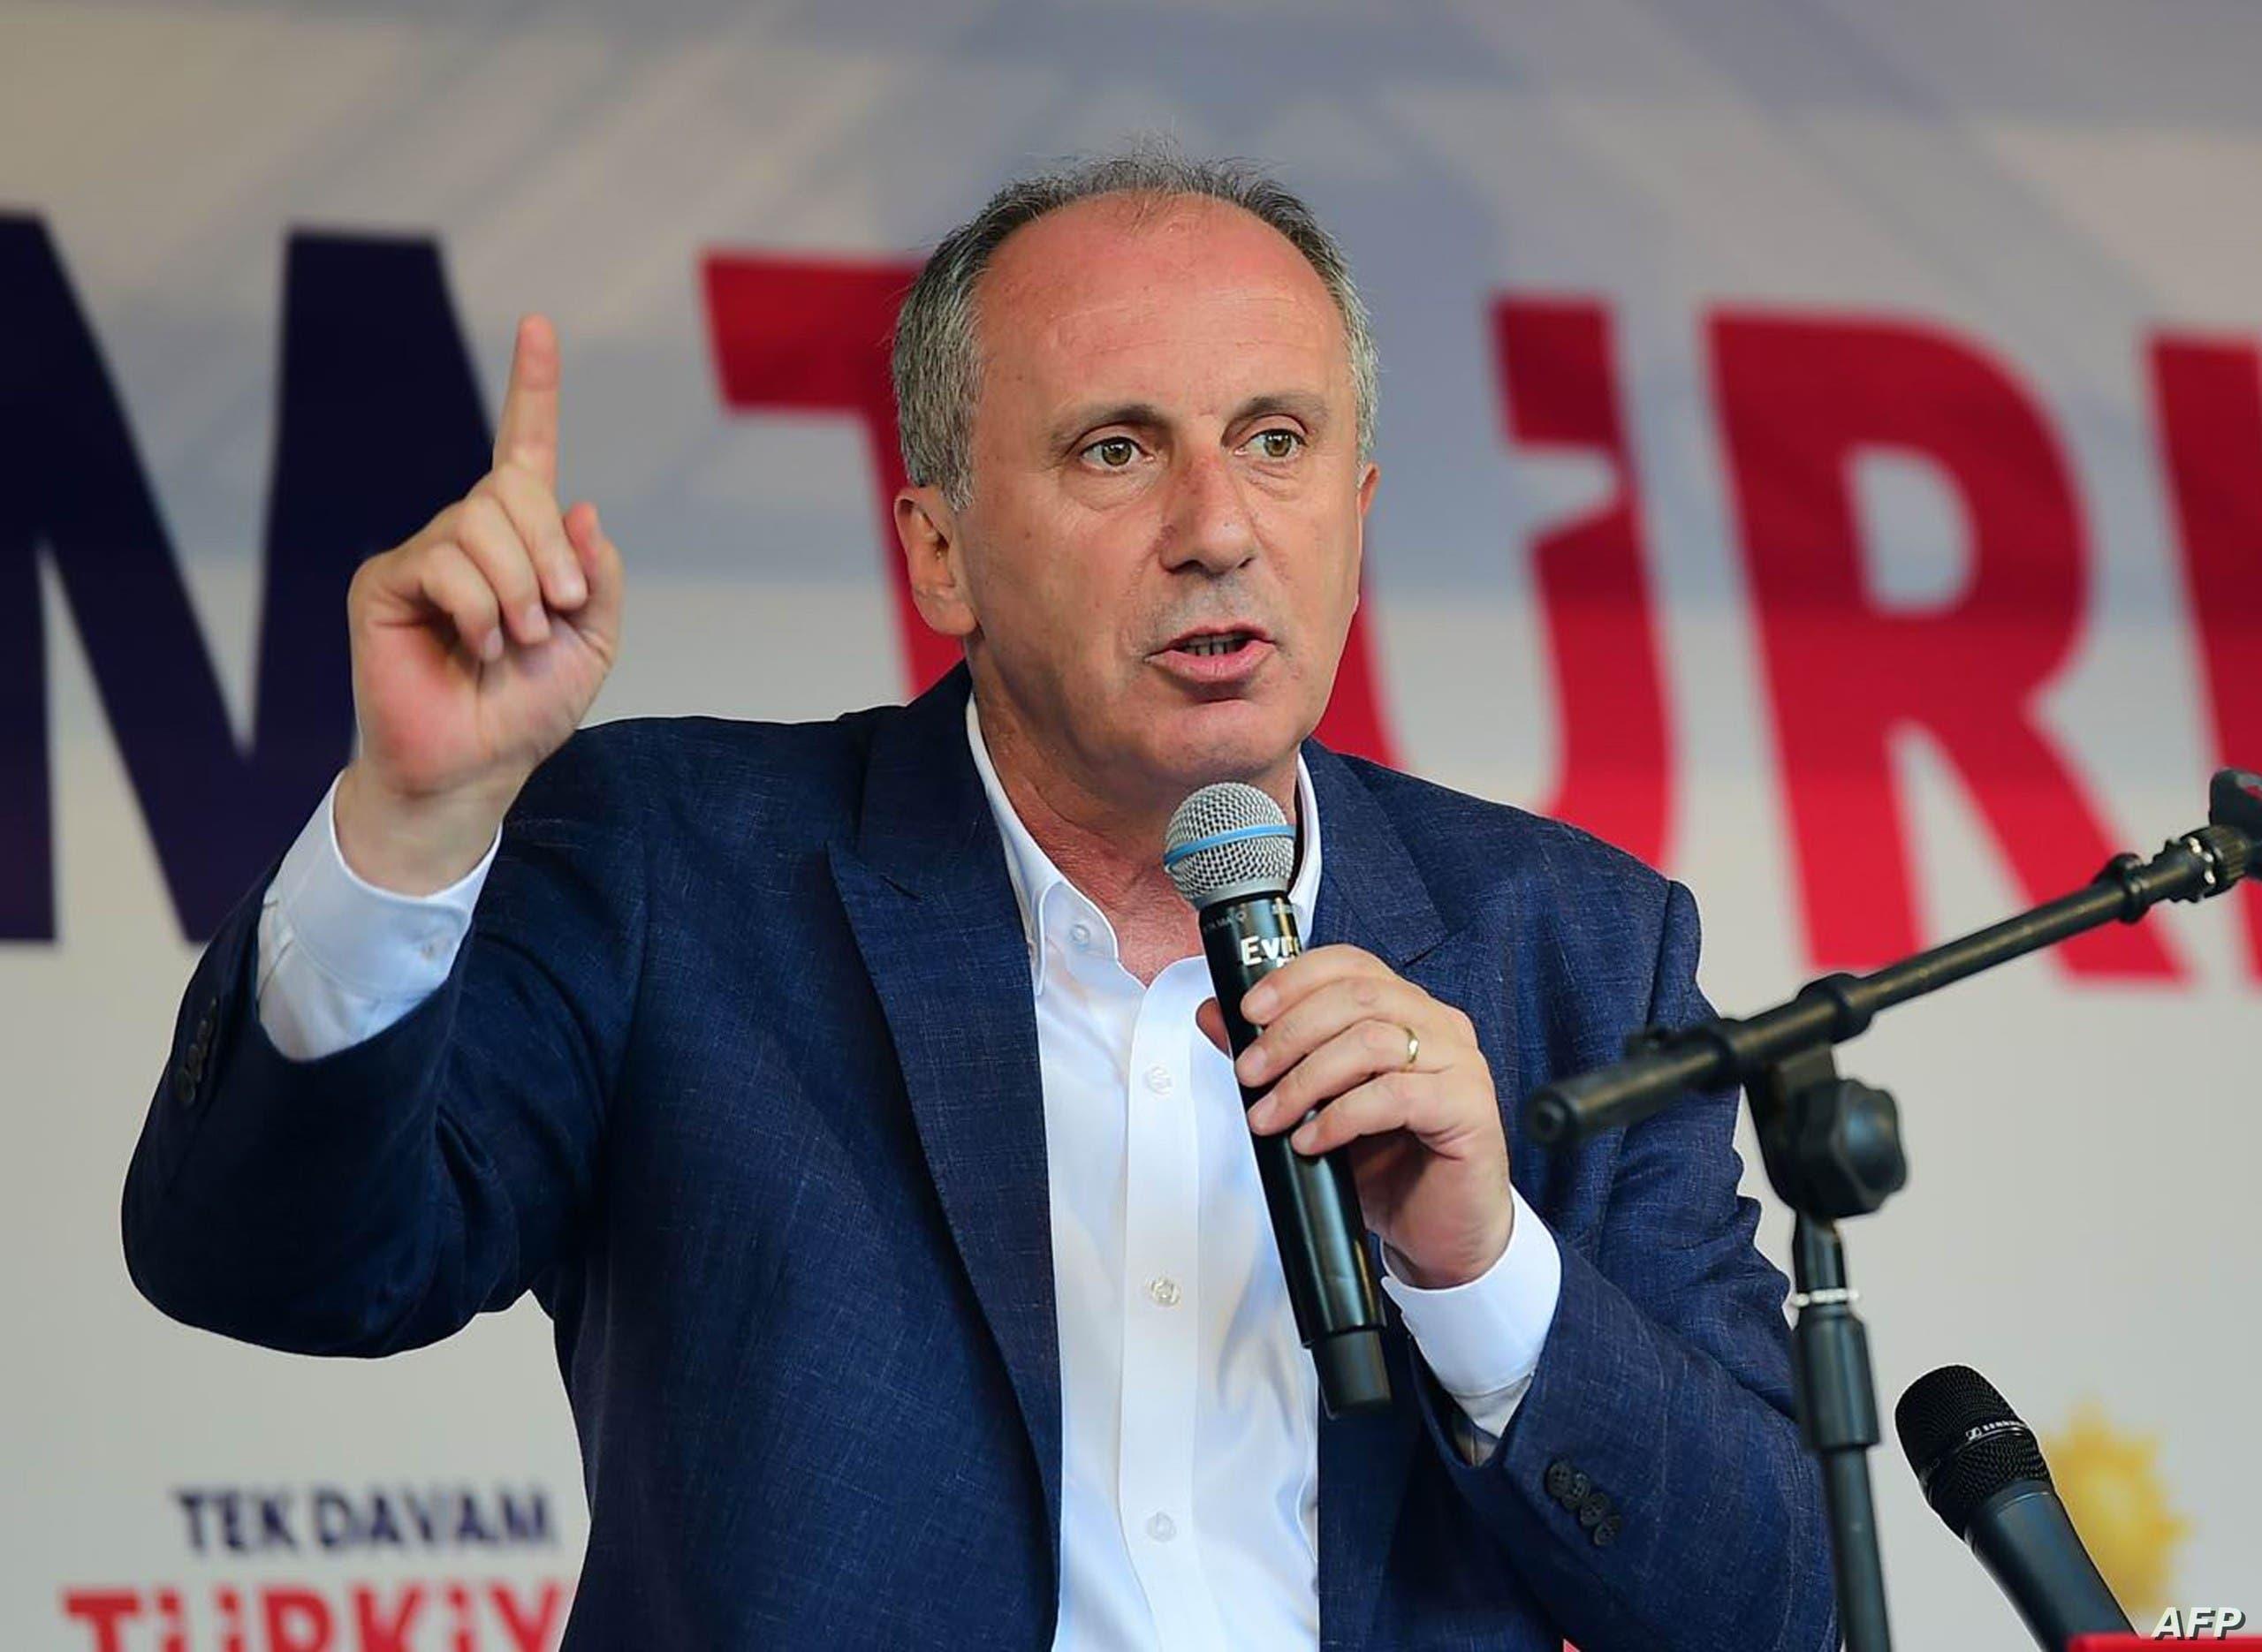 المرشح الرئاسي السابق عن حزب الشعب الجمهوري محرم إنجه